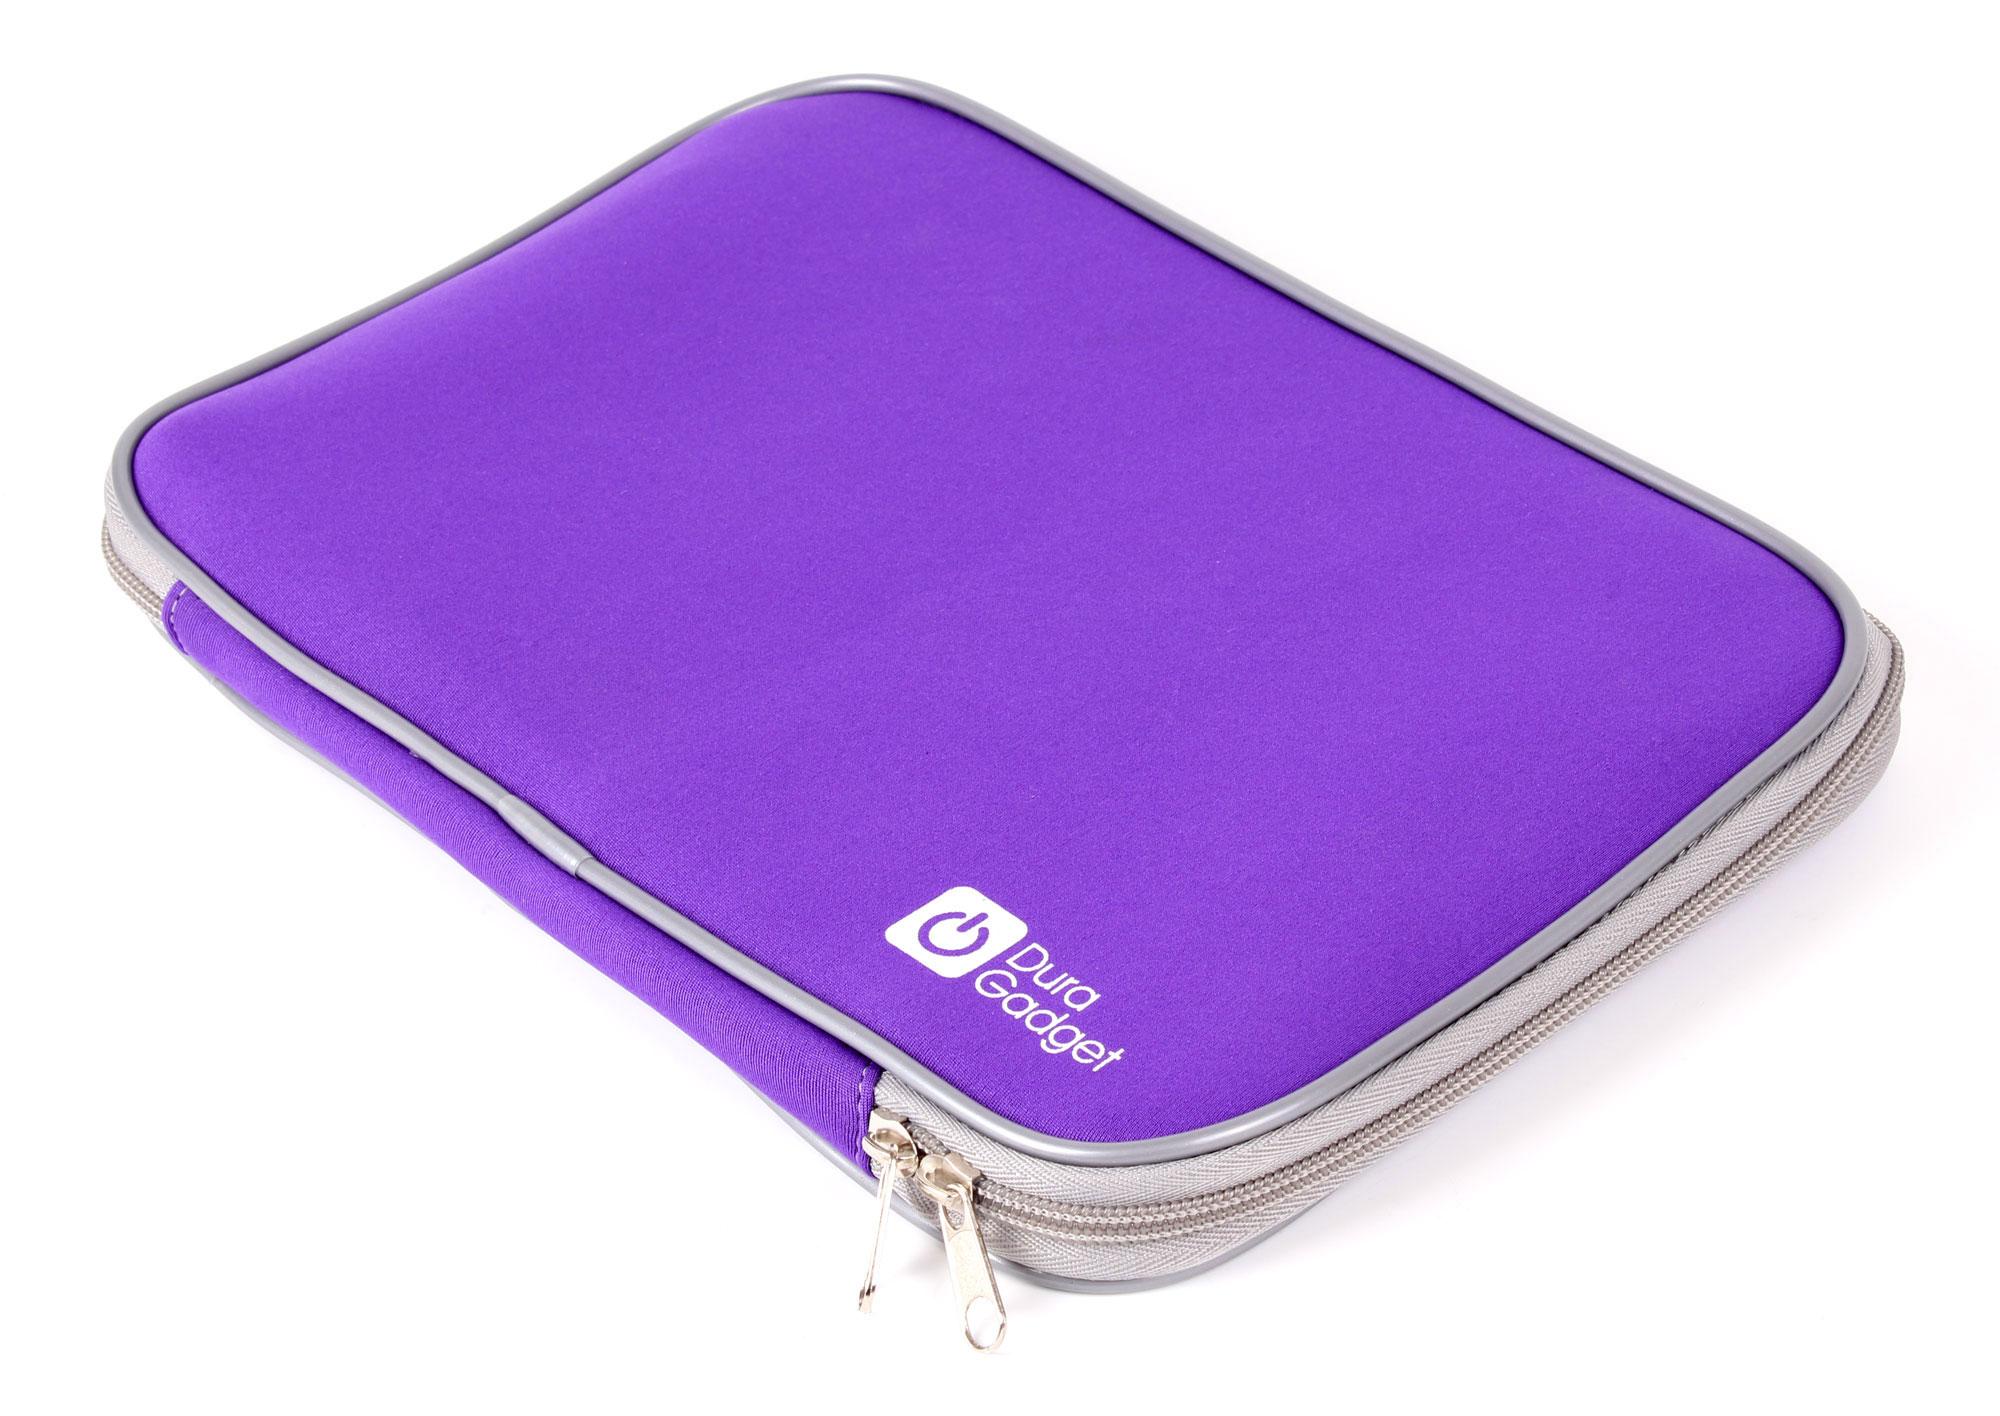 Housse tui violet fin et souple pour tablette tactile for Housse tablette qilive